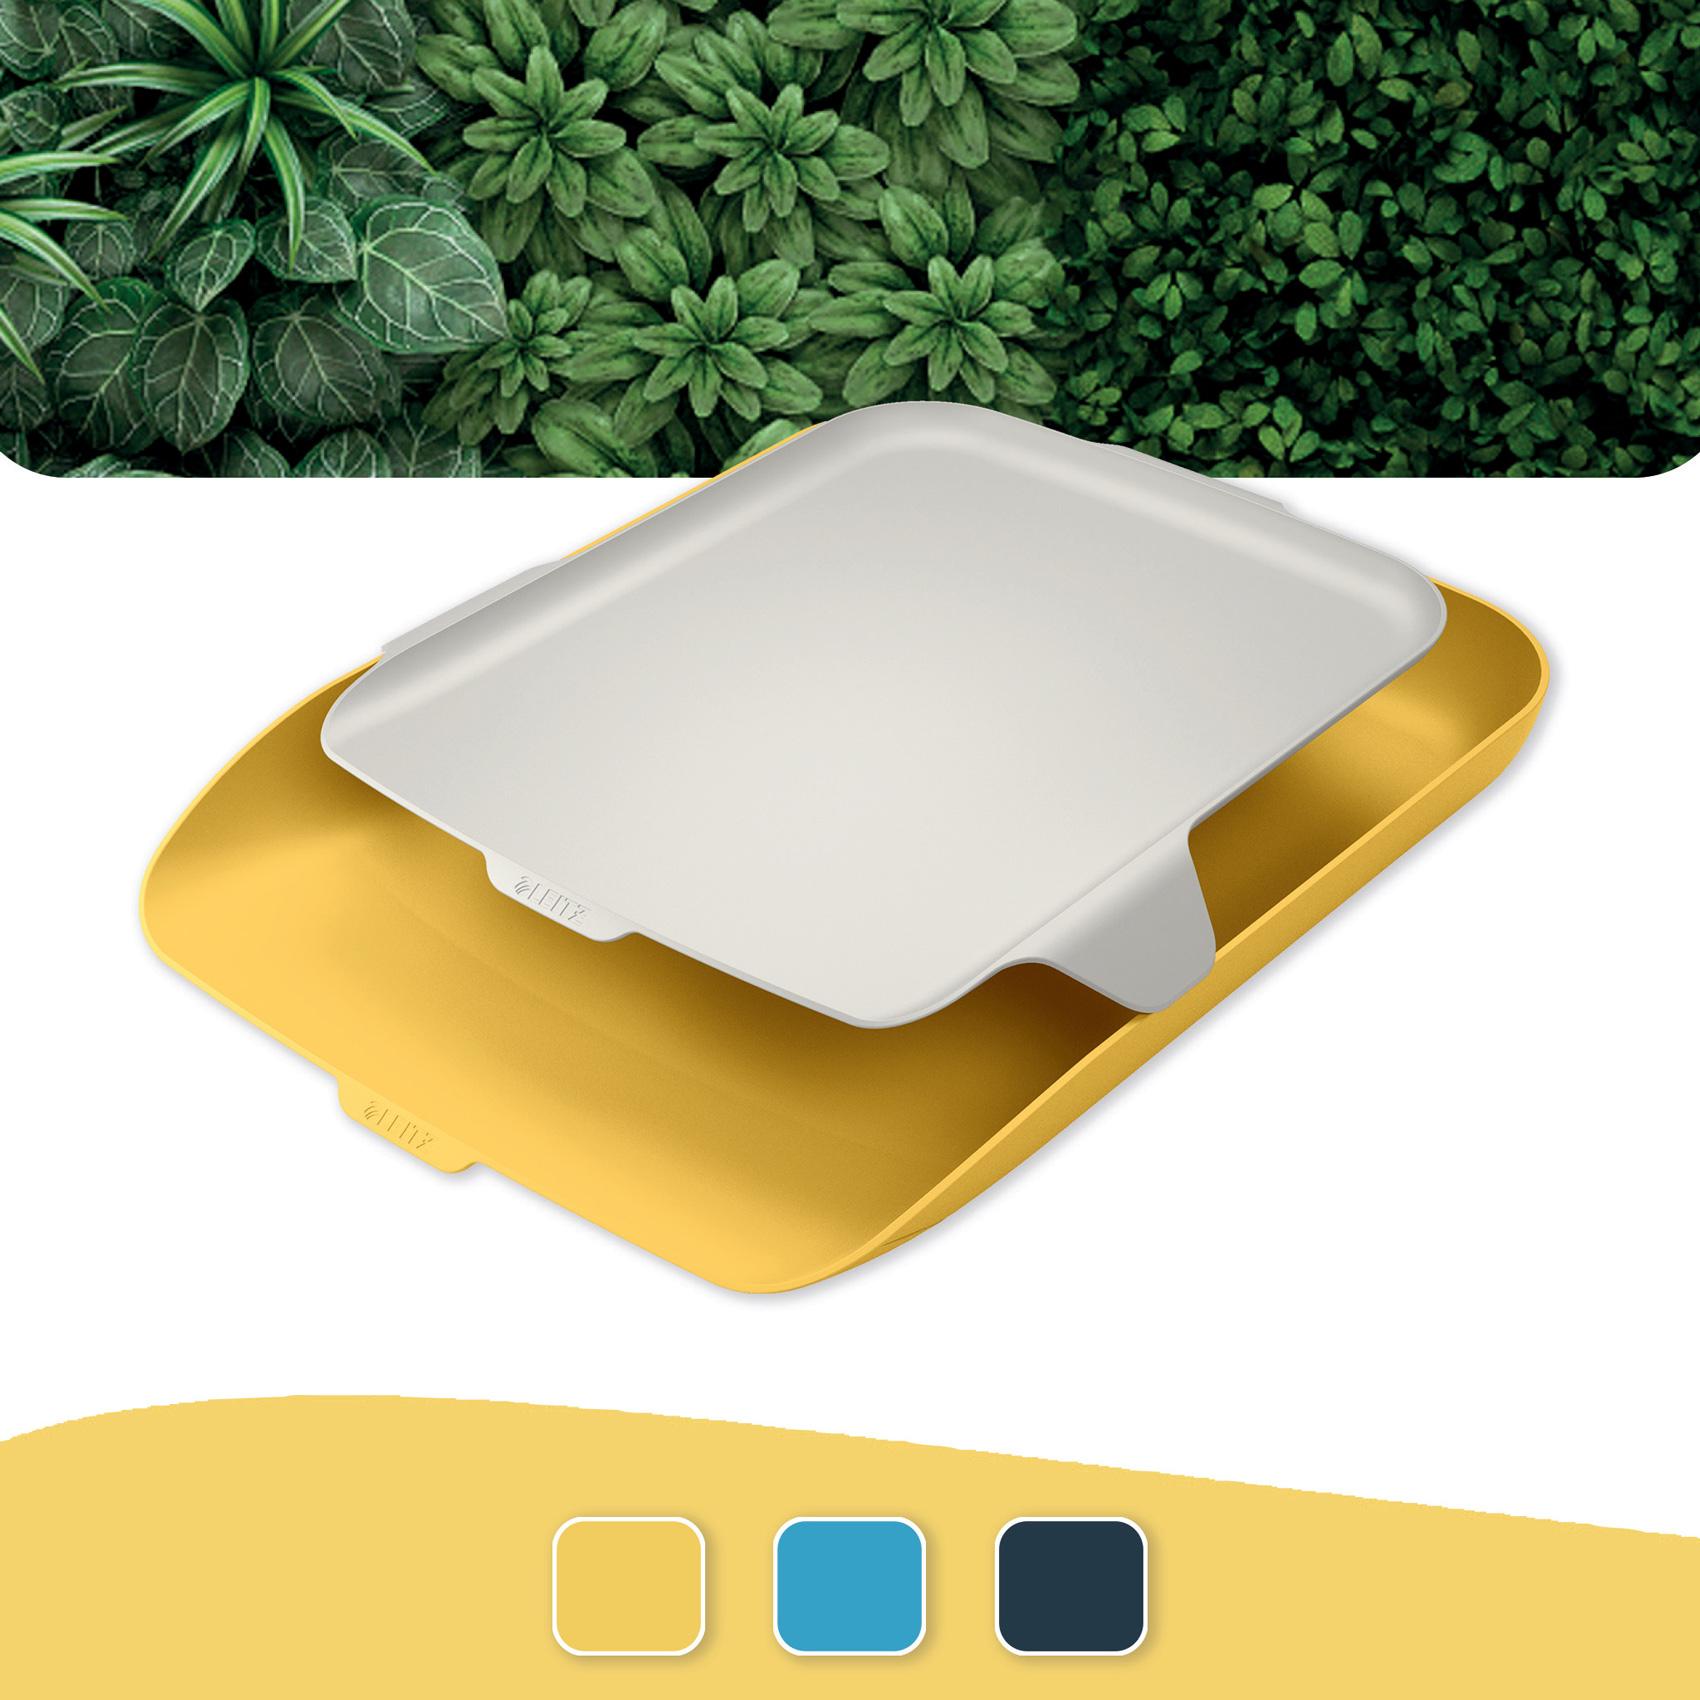 Лоток горизонтальний Leitz Cosy с органайзером, желтый LEITZ - фото 5